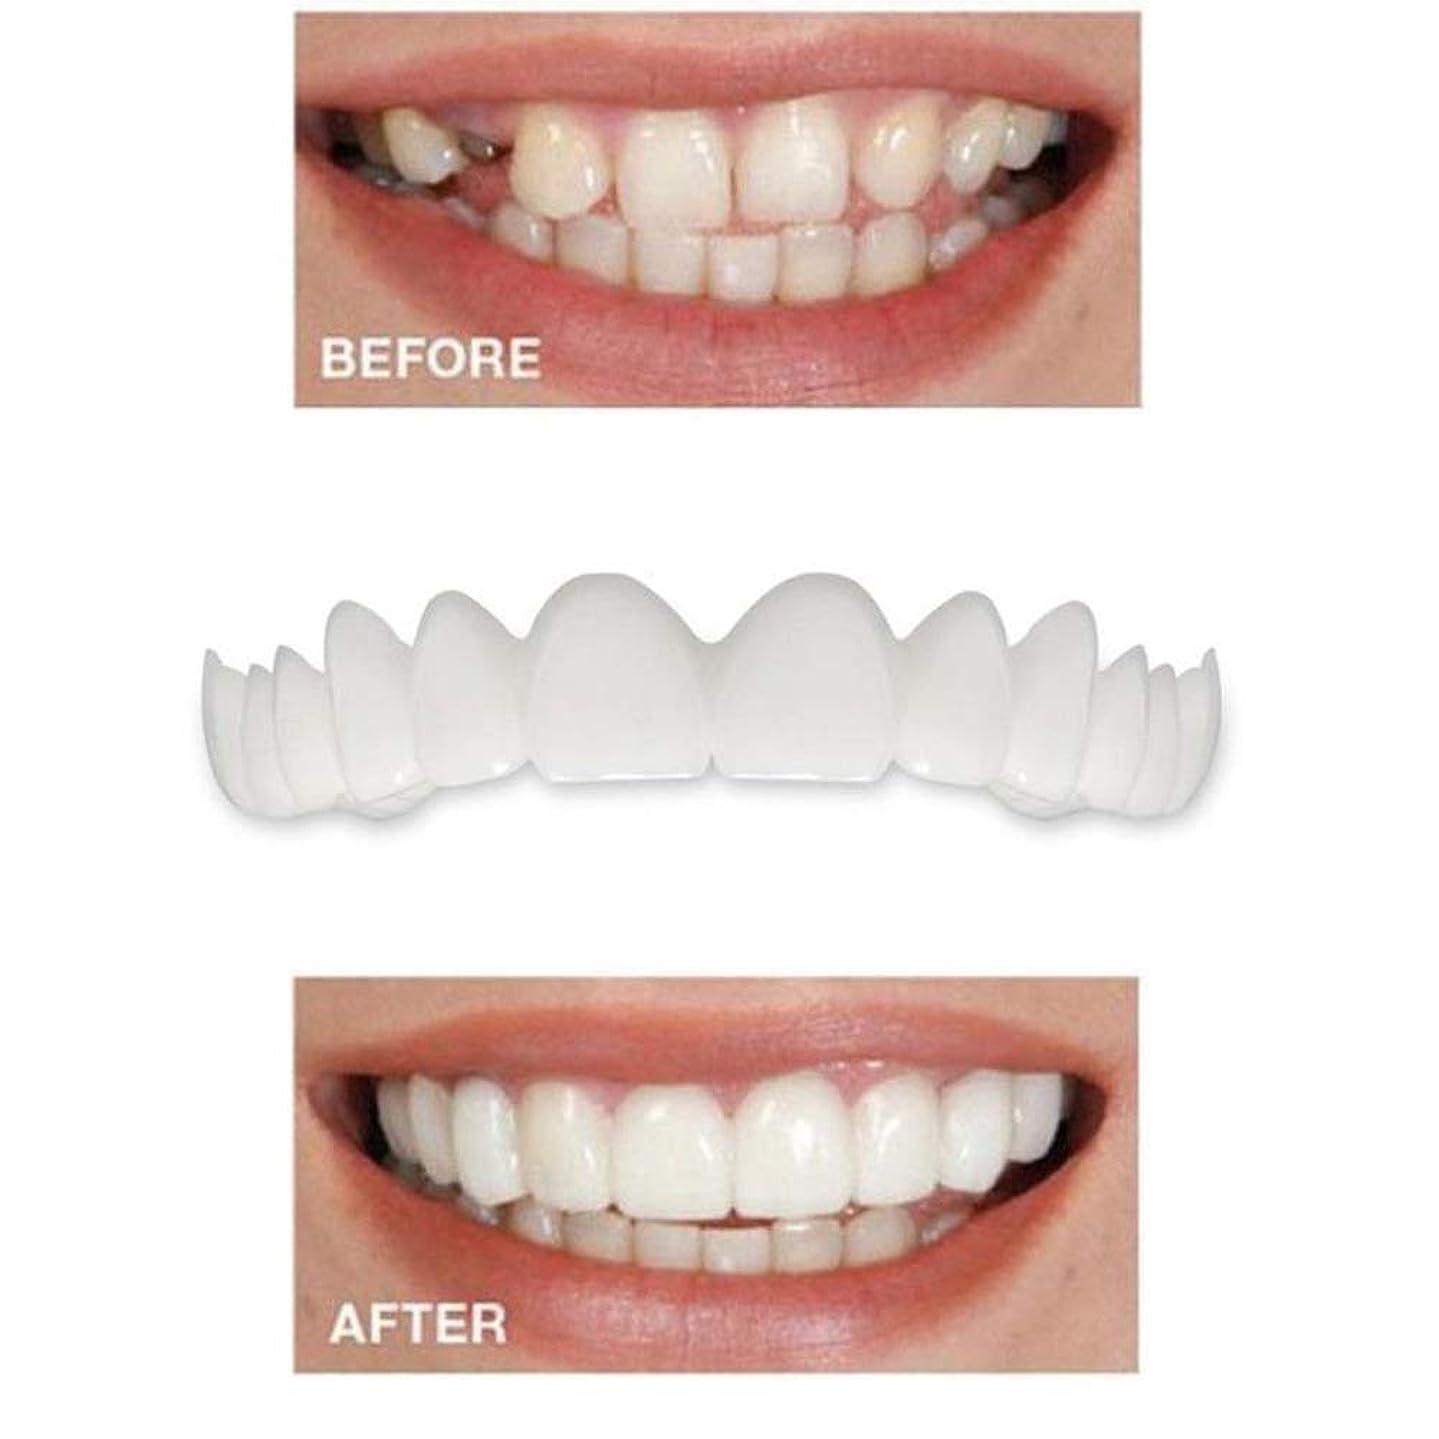 定常回転する東インスタント快適で柔らかい完璧なベニヤの歯スナップキャップを白くする一時的な化粧品歯義歯歯の化粧品シミュレーション上袖/下括弧の6枚,6lowerteeth